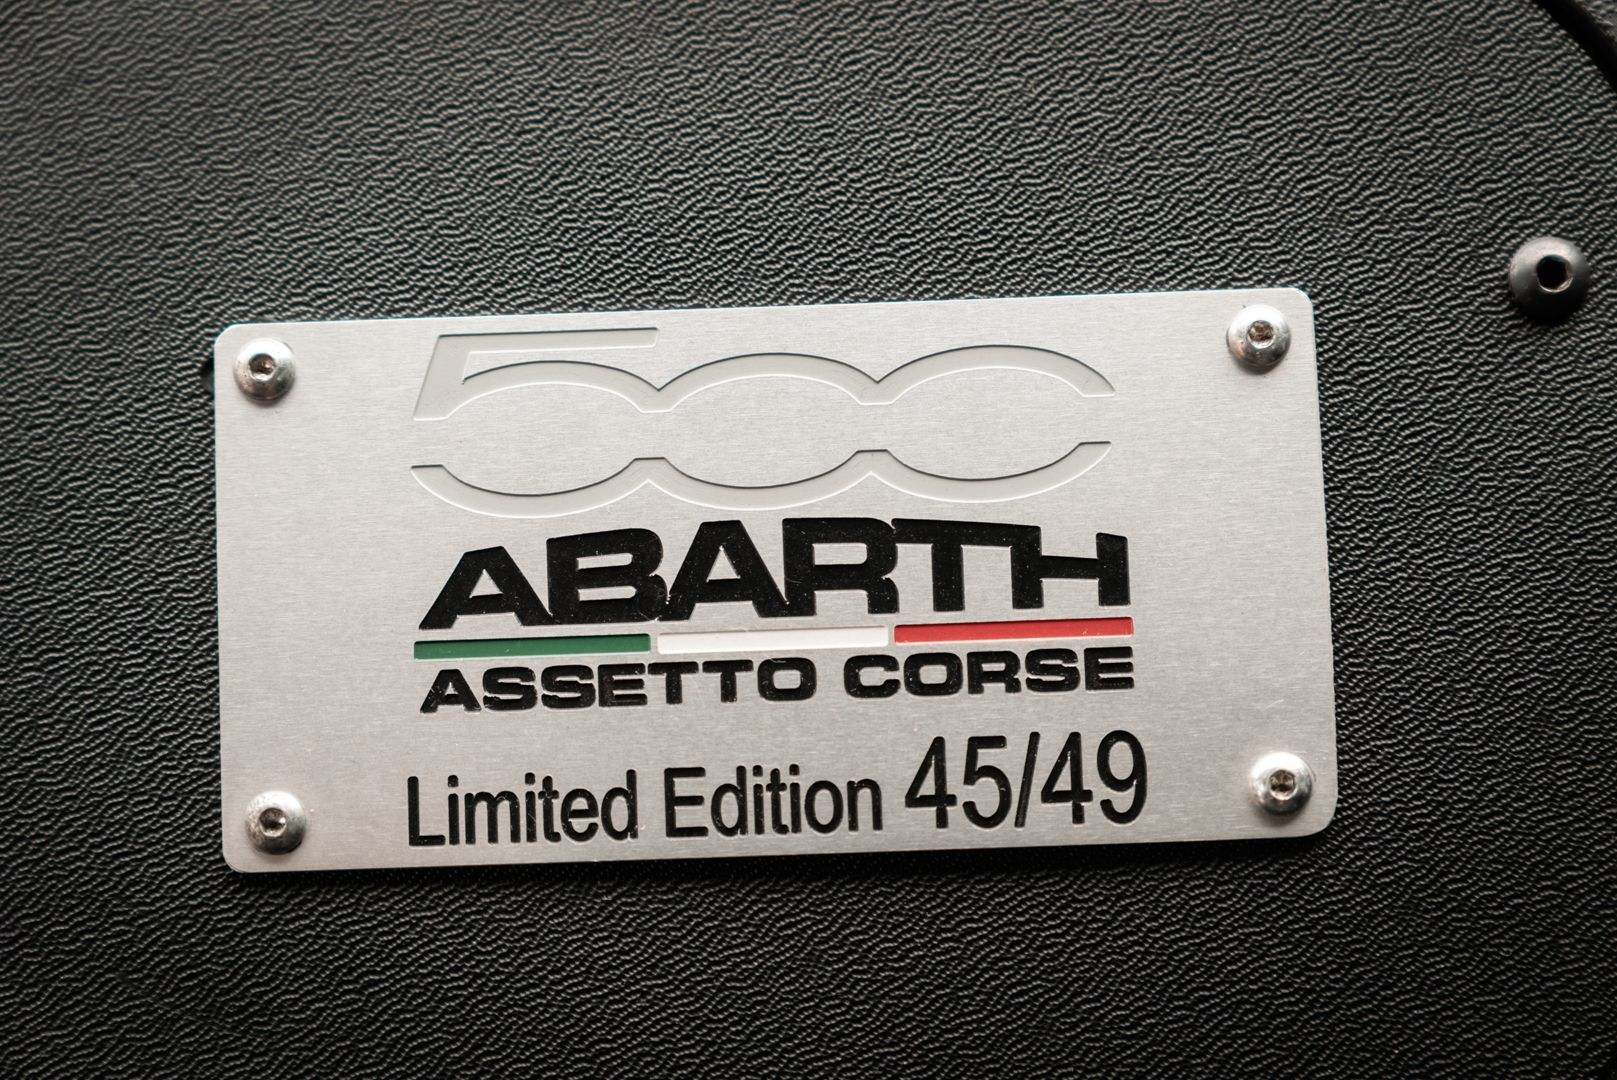 2008 Fiat 500 Abarth Assetto Corse 45/49 77397